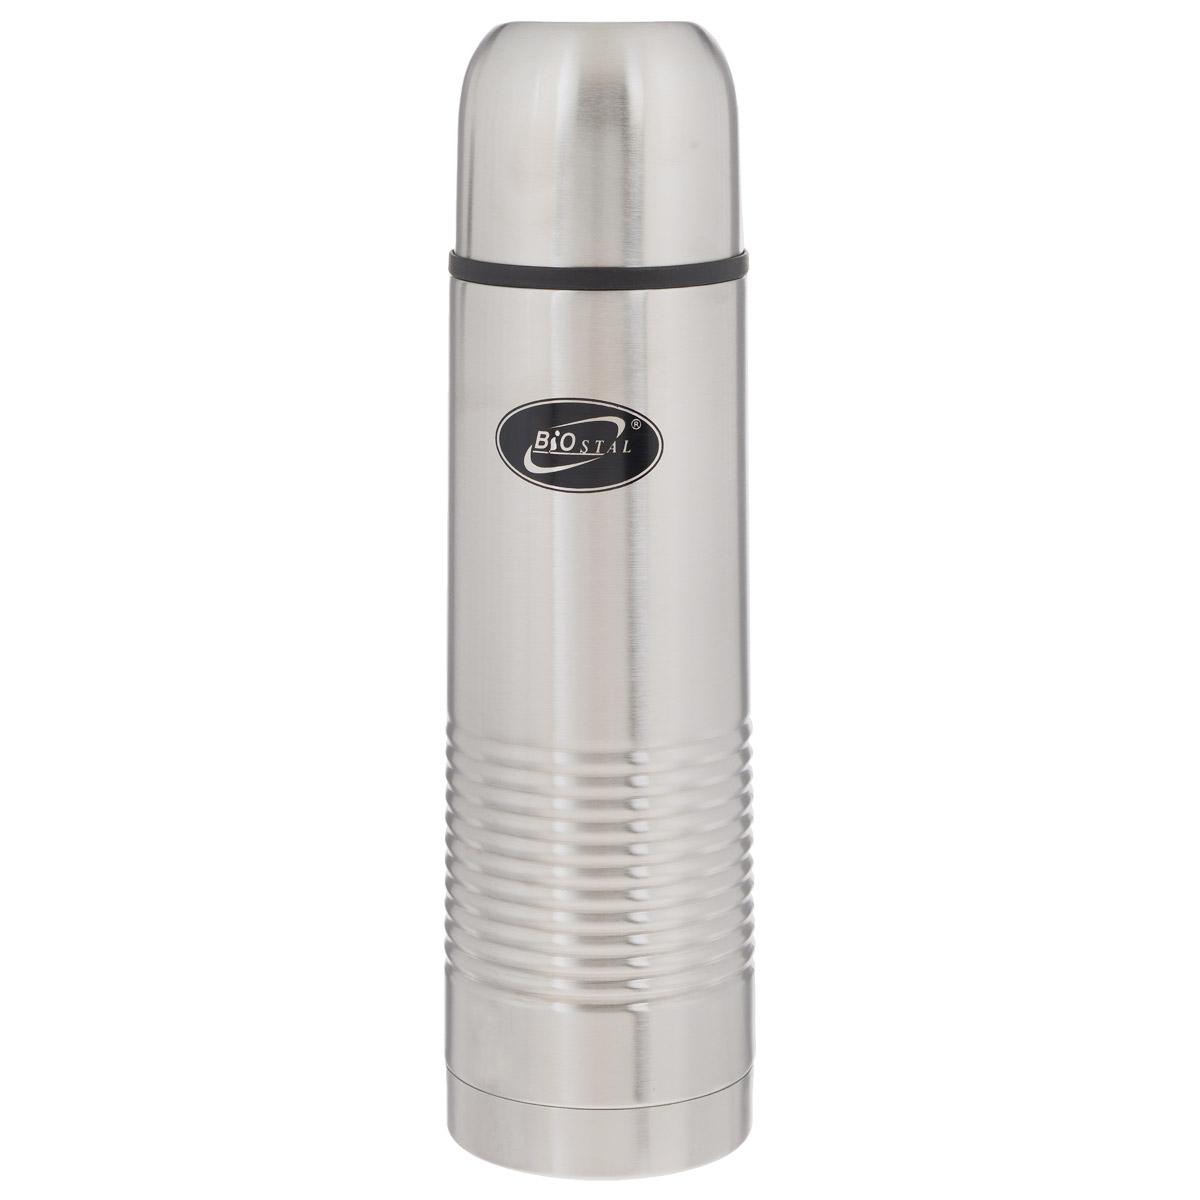 Термос BIOSTAL, в чехле, 1 л. NB-1000-BNB-1000-BТермос с узким горлом BIOSTAL, изготовленный из высококачественной нержавеющей стали, относится к классической серии. Термосы этой серии, являющейся лидером продаж, просты в использовании, экономичны и многофункциональны. Термос предназначен для хранения горячих и холодных напитков (чая, кофе) и укомплектован пробкой с кнопкой. Такая пробка удобна в использовании и позволяет, не отвинчивая ее, наливать напитки после простого нажатия. Изделие также оснащено крышкой-чашкой и текстильным чехлом для хранения и переноски термоса. Легкий и прочный термос BIOSTAL сохранит ваши напитки горячими или холодными надолго.